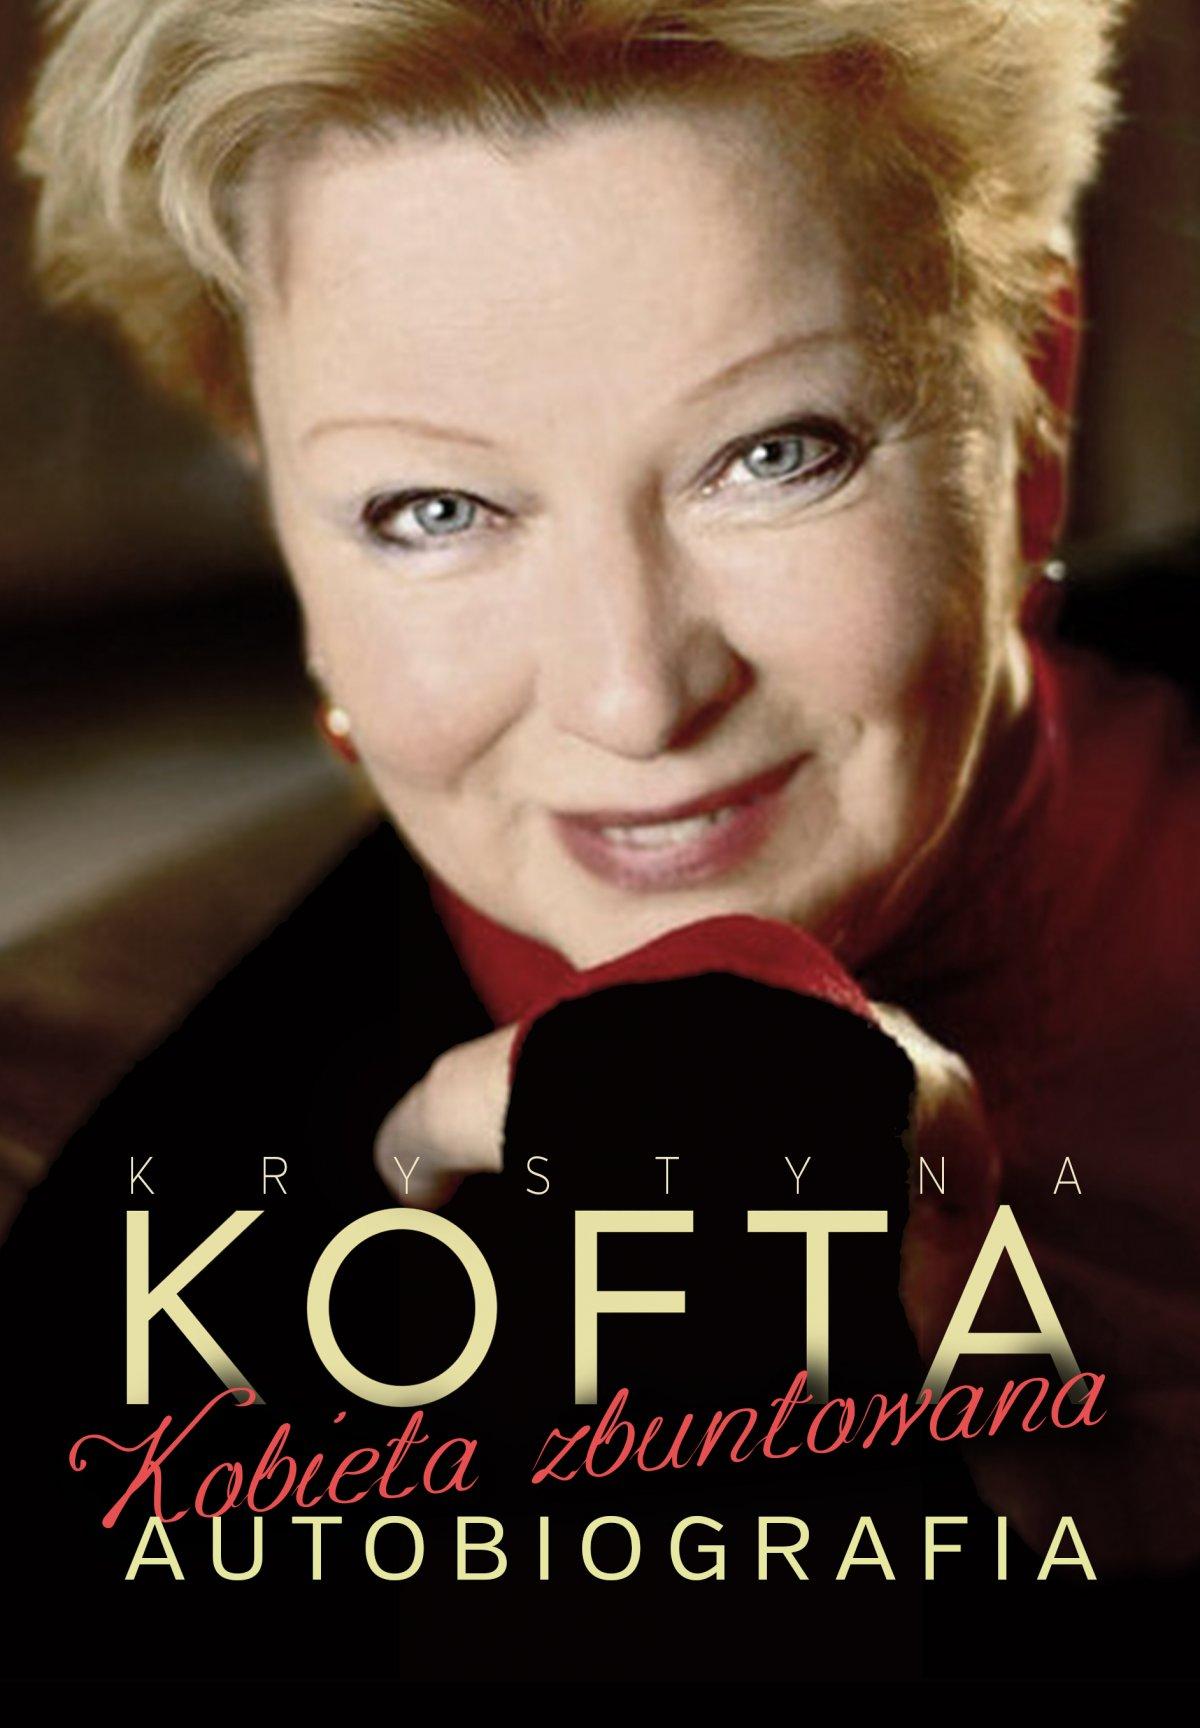 Krystyna Kofta. Kobieta zbuntowana. Autobiografia - Ebook (Książka EPUB) do pobrania w formacie EPUB